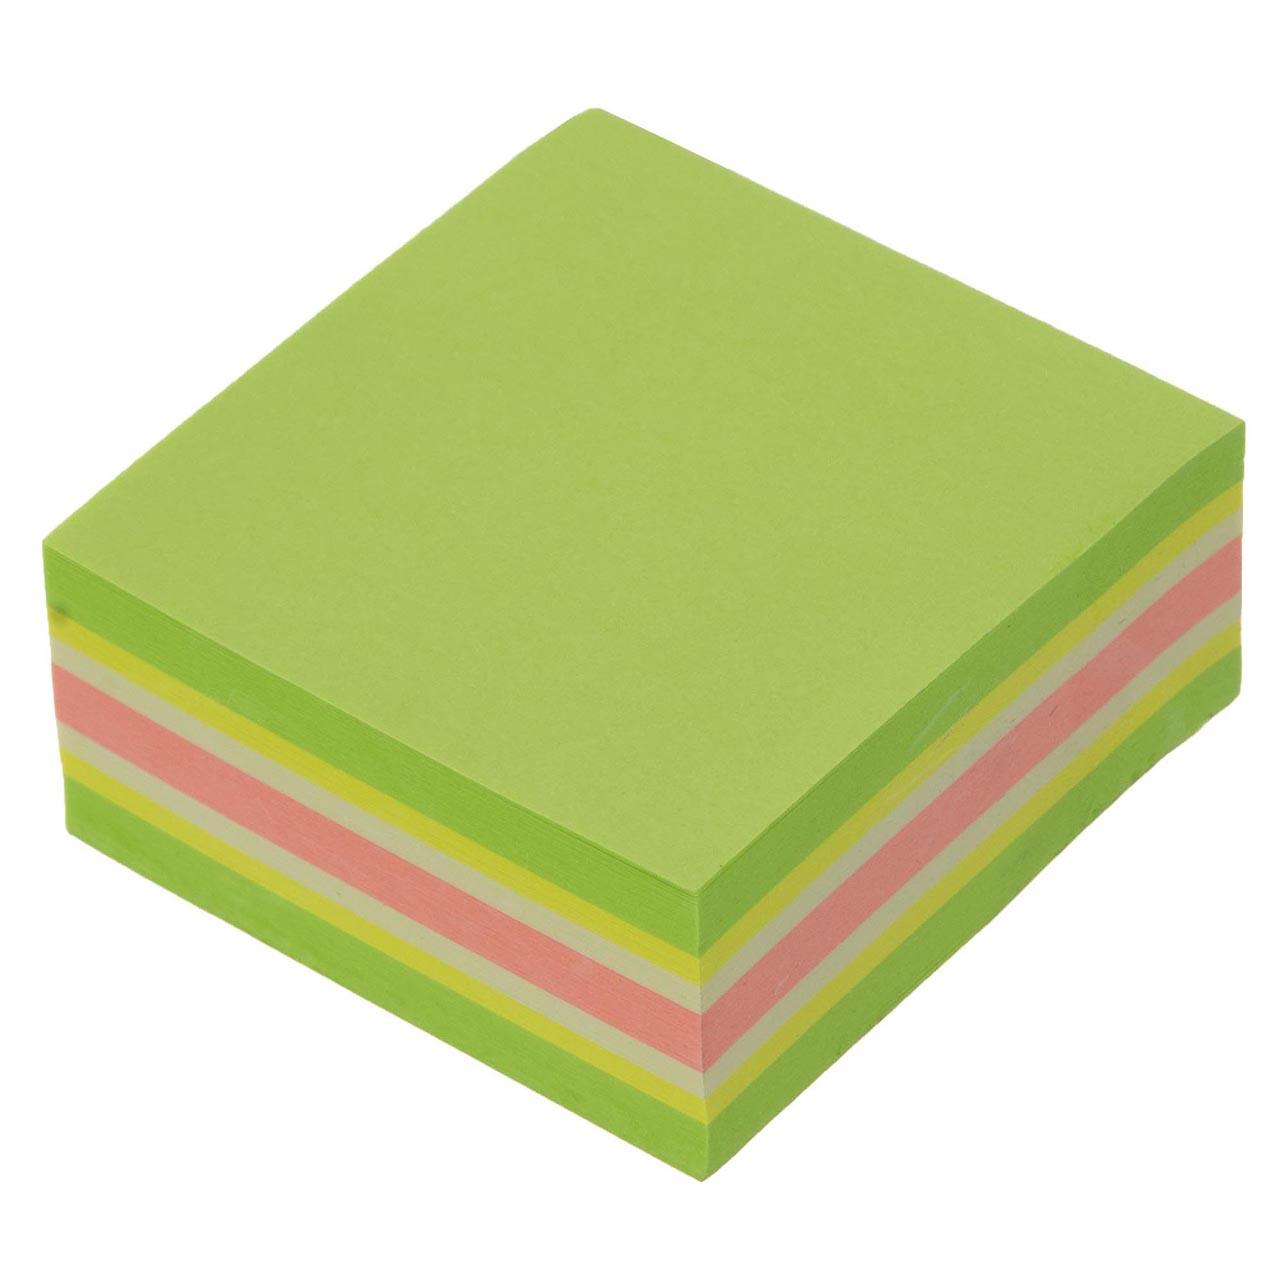 کاغذ یادداشت چسب دار هوپکس کد 21534 بسته 250 عددی